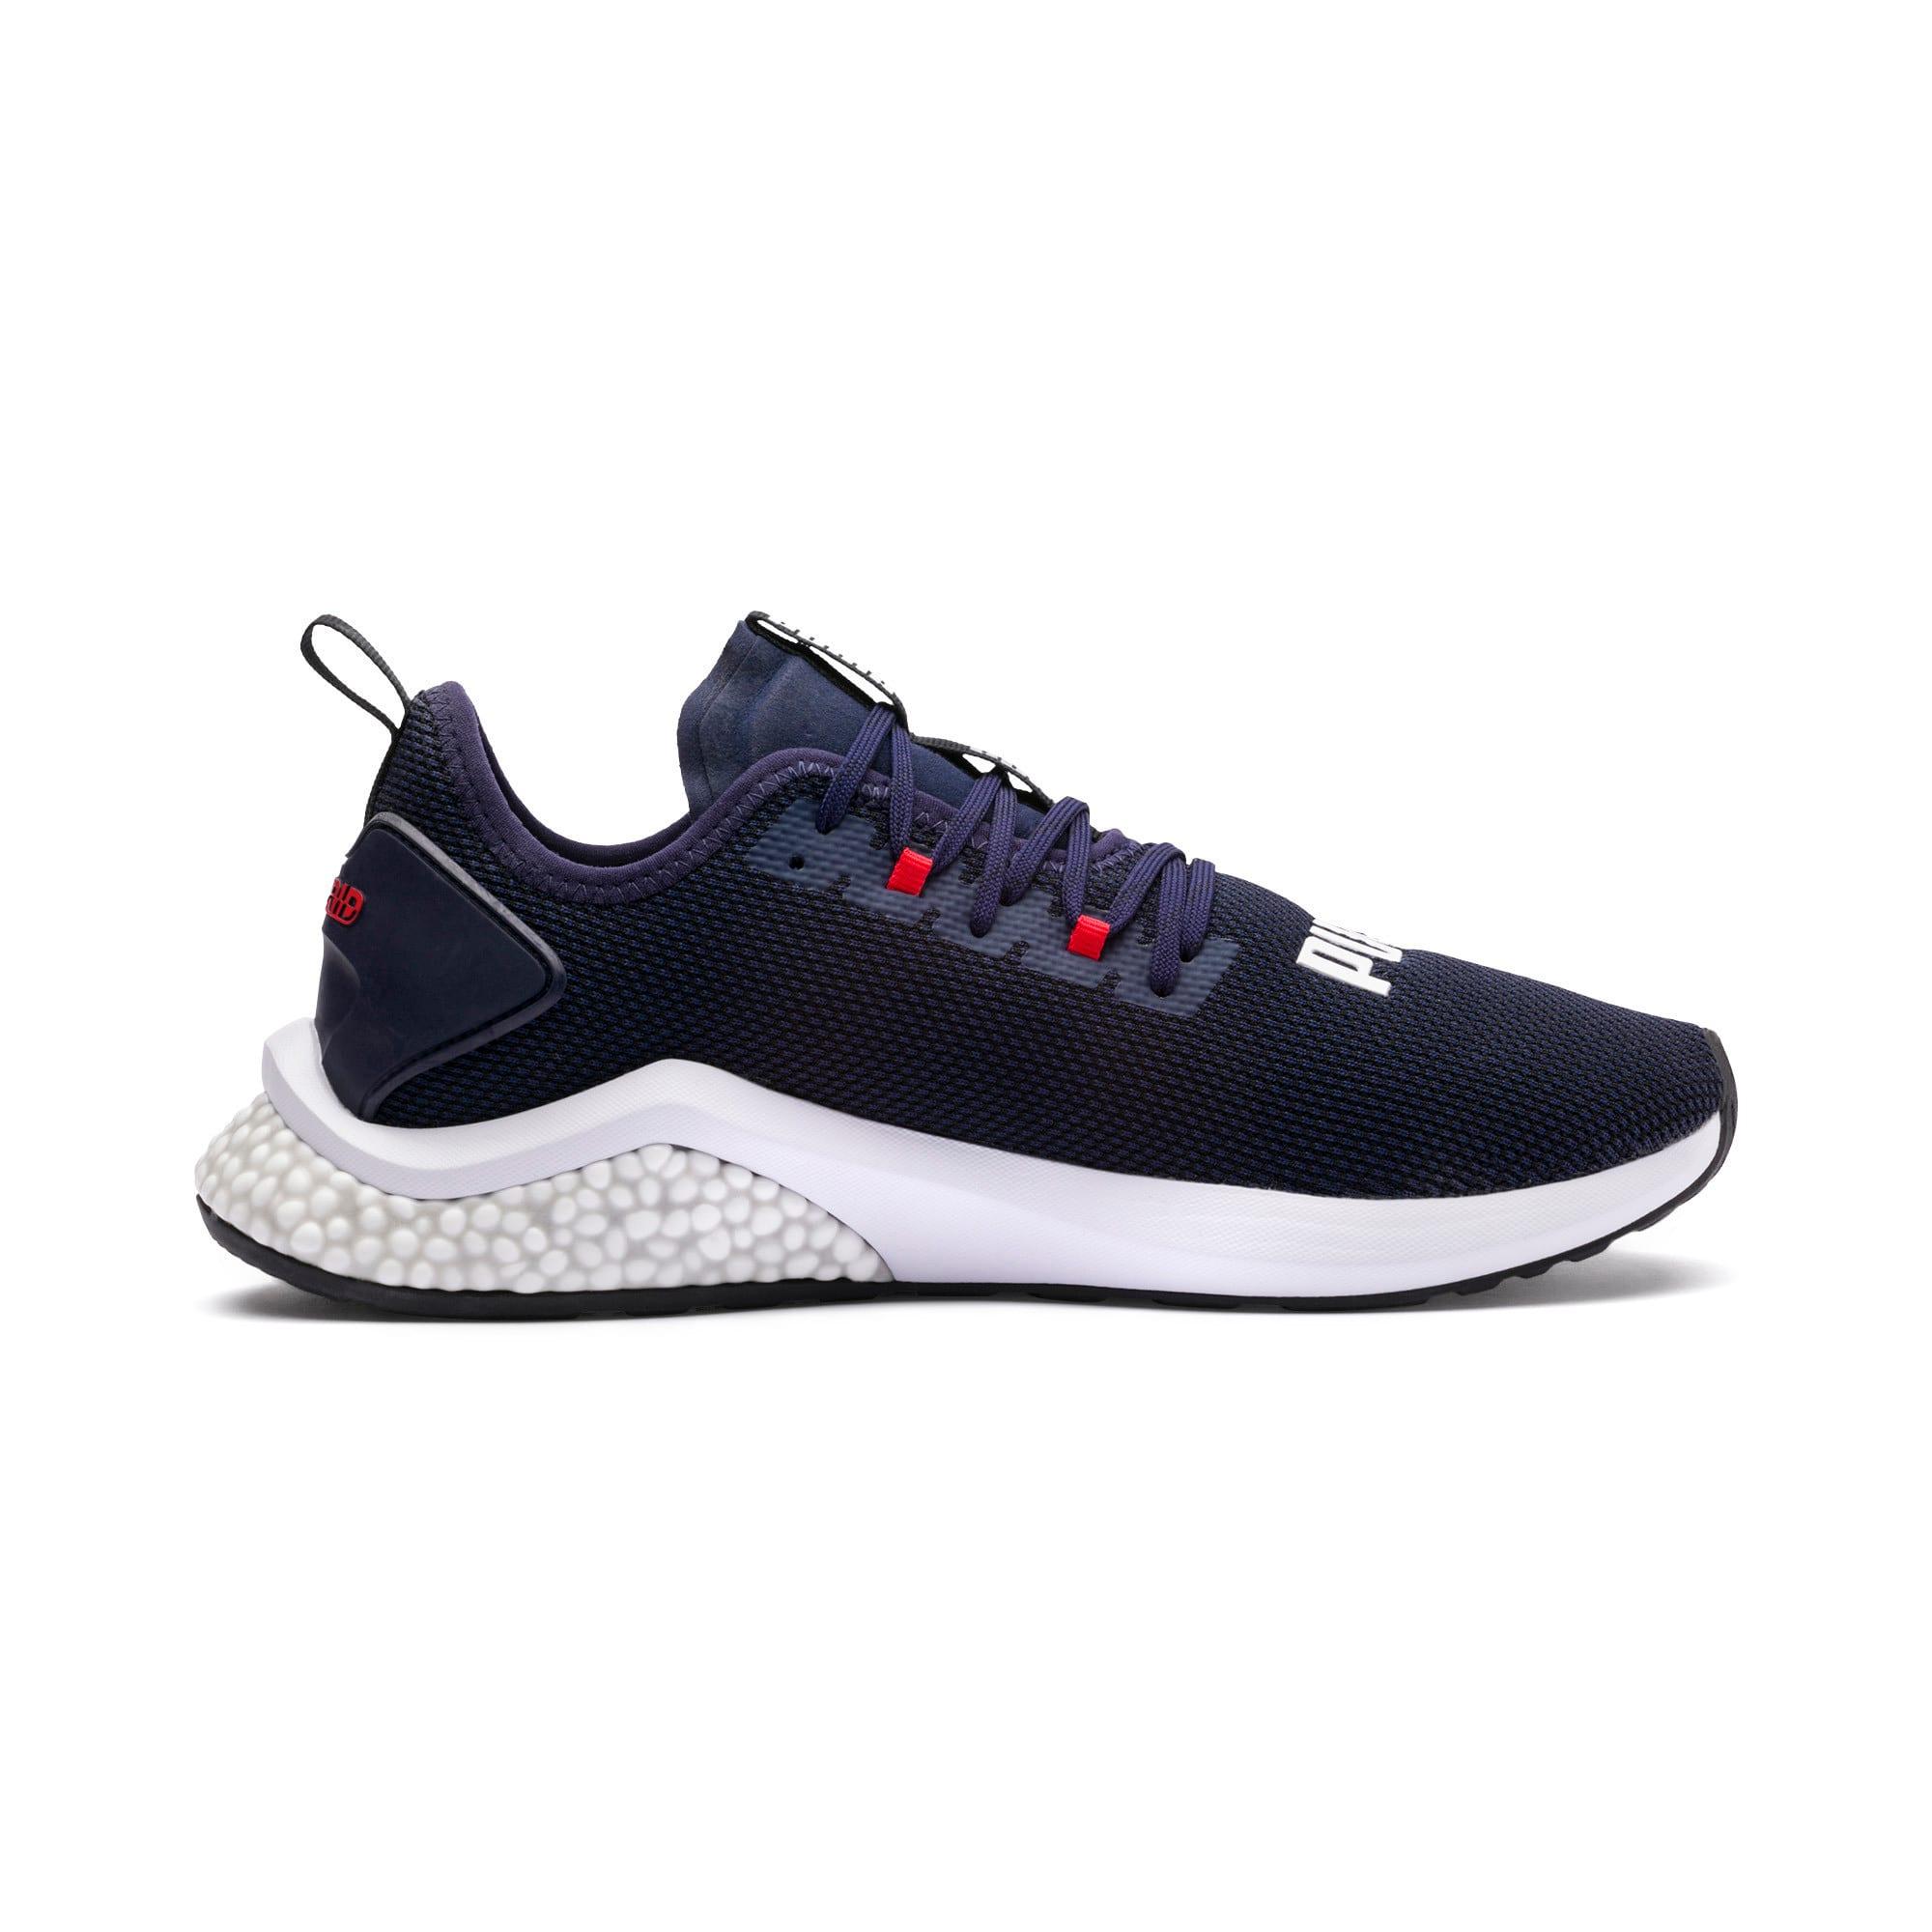 Thumbnail 6 of HYBRID NX Men's Running Shoes, Peacoat-High Risk Red-White, medium